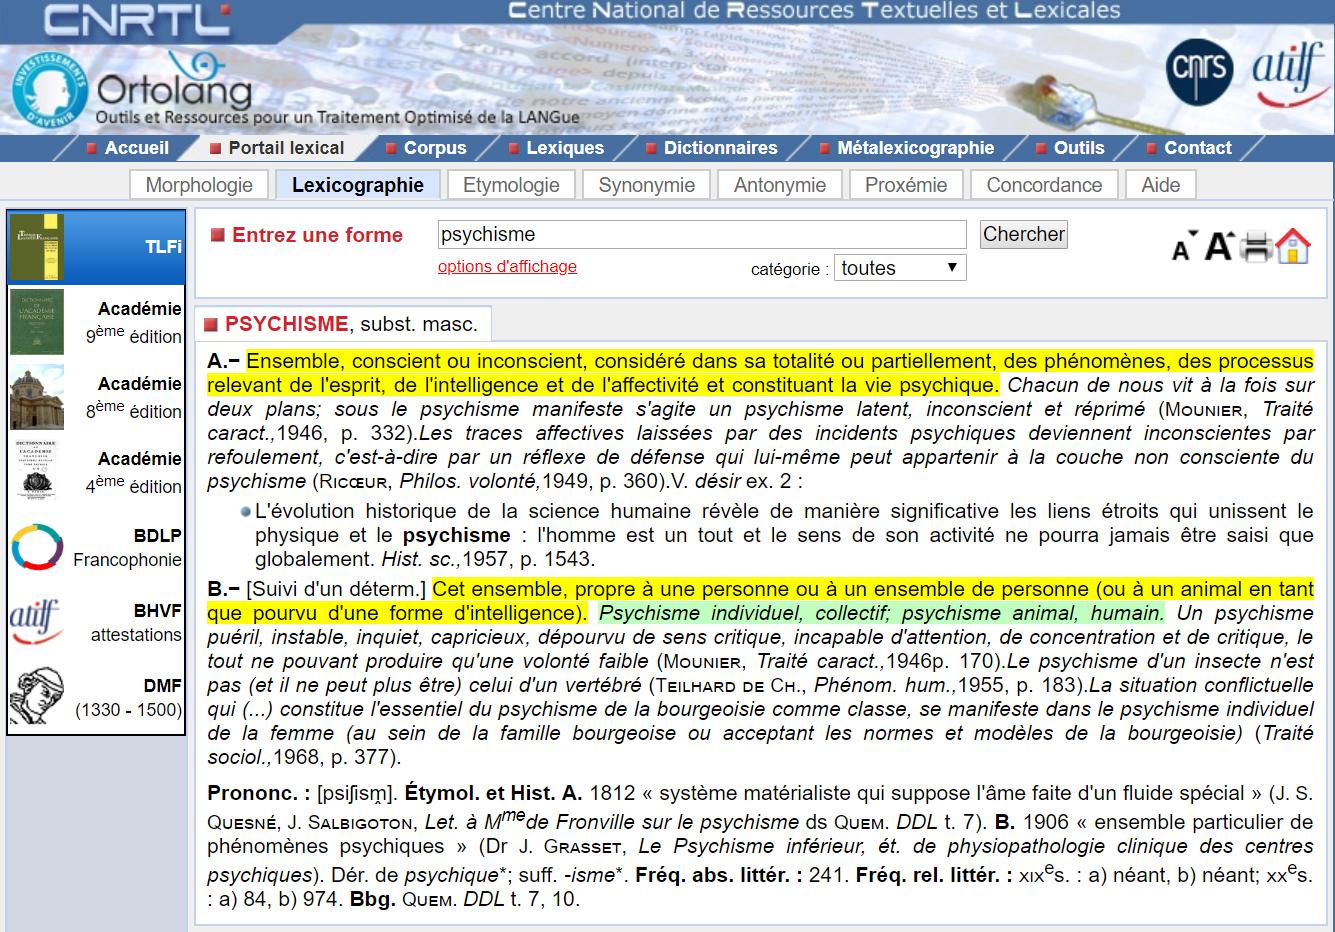 Psychisme Définition - Centre National de Resources Textuelles et Lexicales